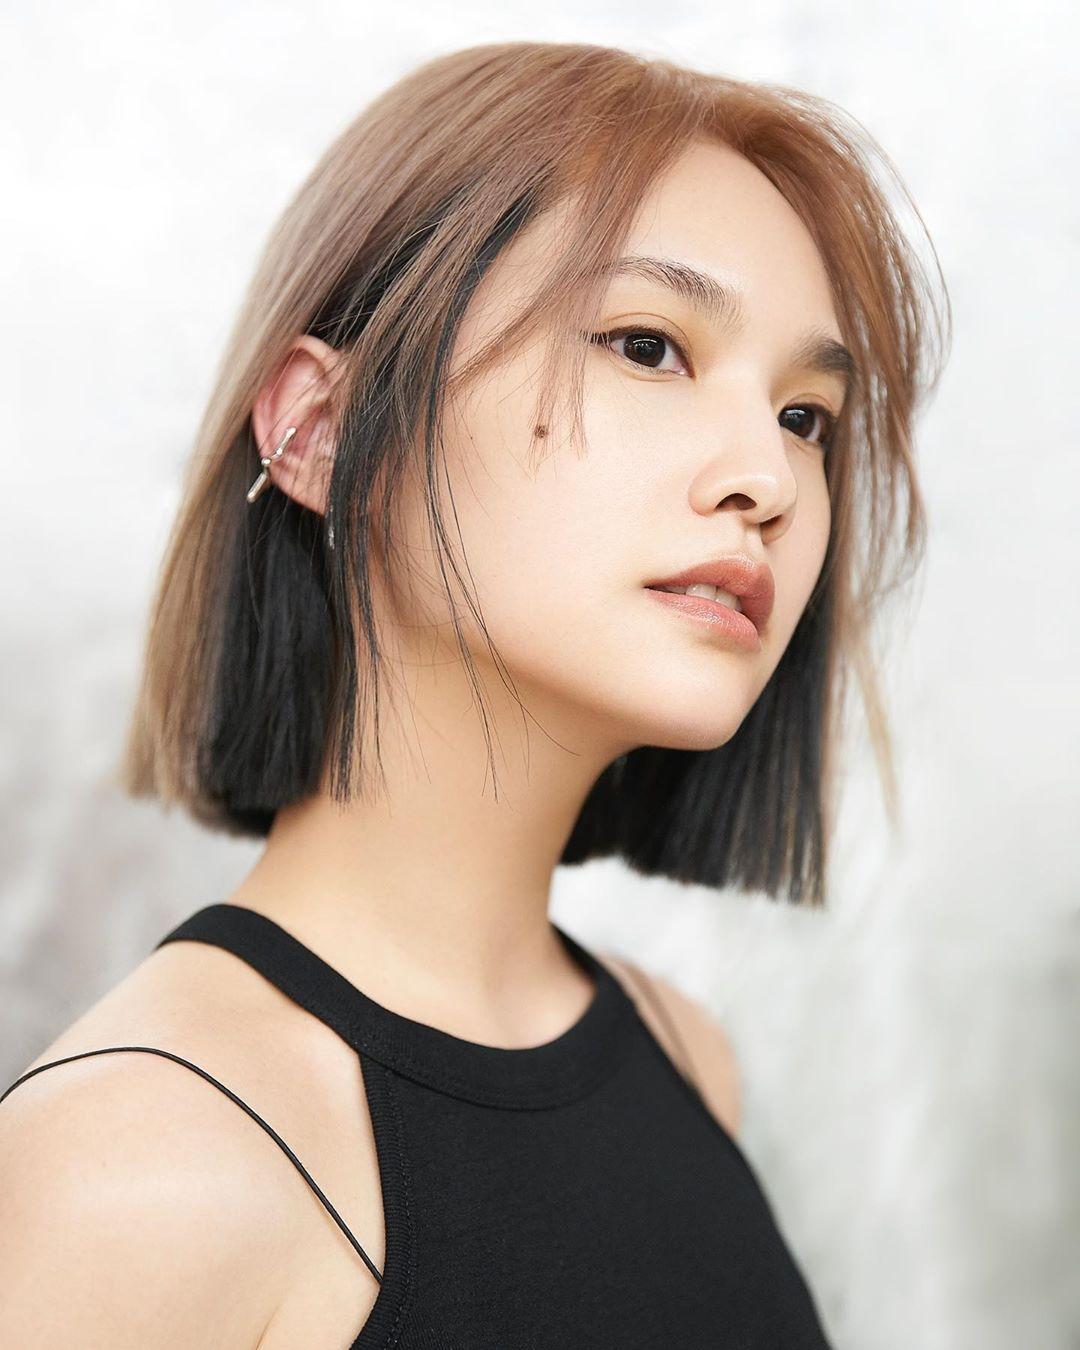 楊丞琳、林依晨、張鈞甯新髮型太帥氣!2020短髮造型跟著FOLLOW就對了